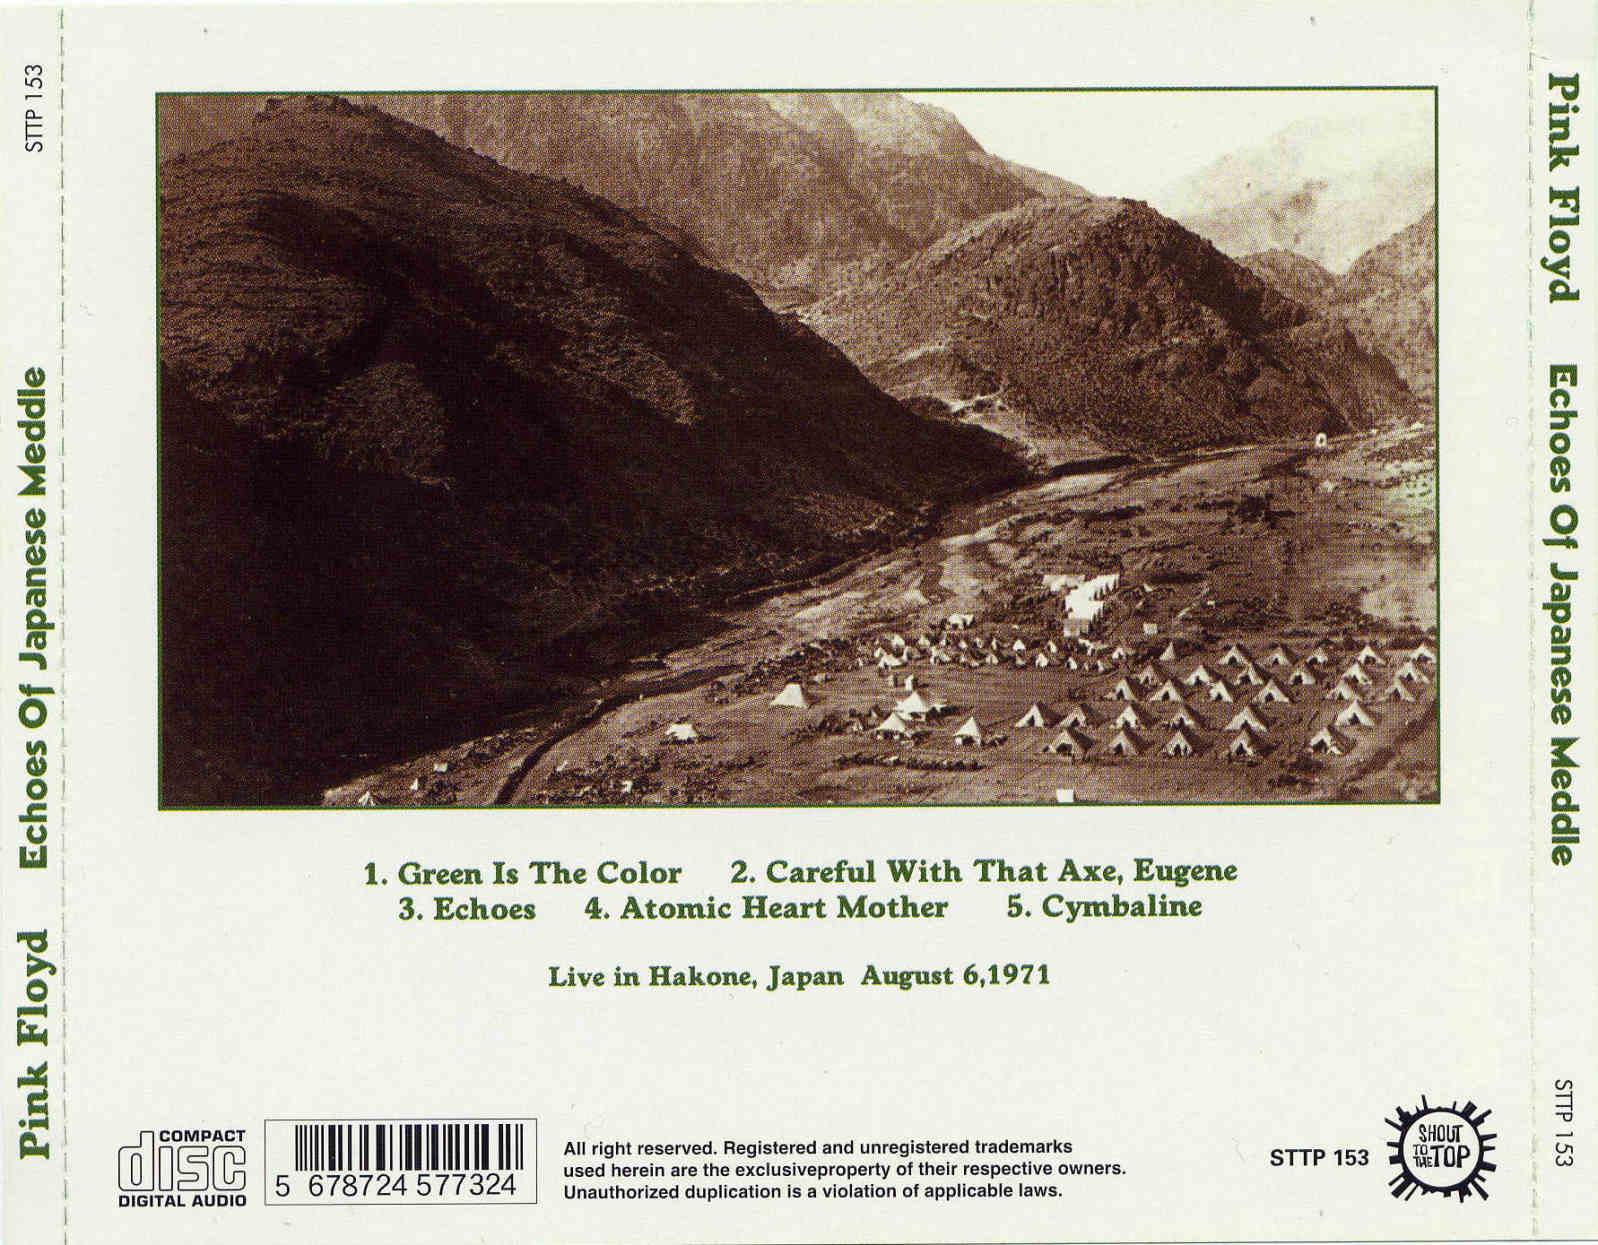 Pink Floyd - Japan '71 - '72